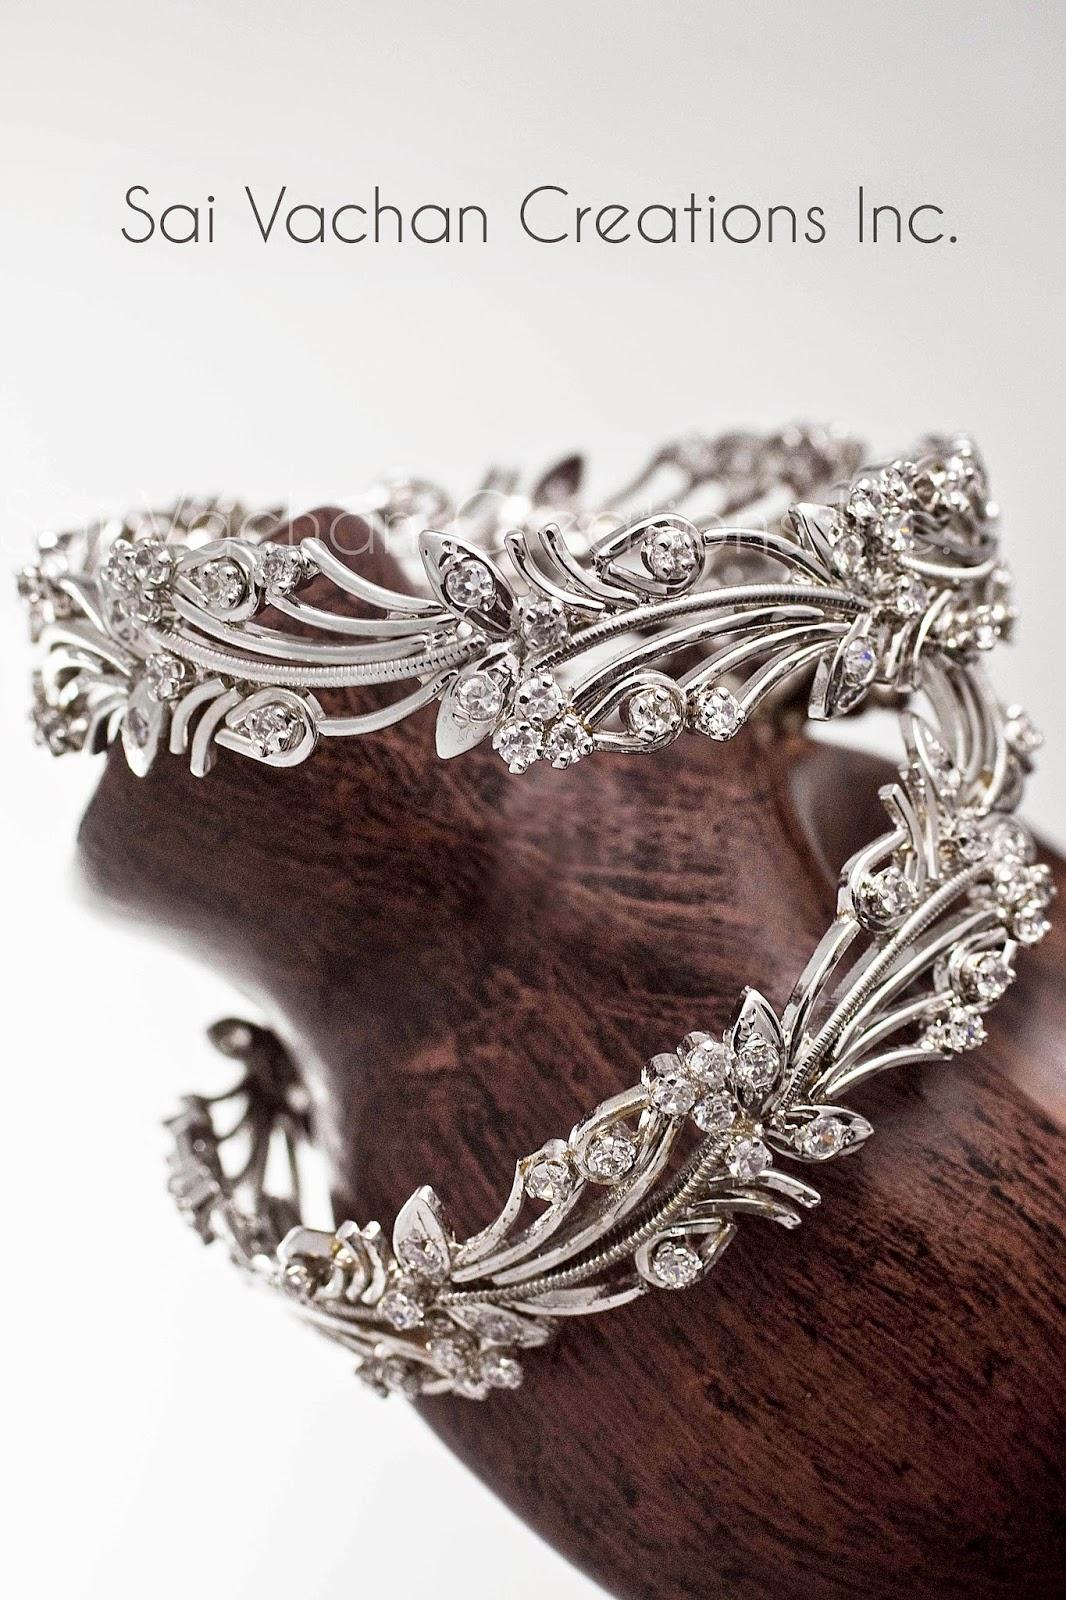 We Have Full Range Of Earrings For Women, Engagement Rings For Women,  Silver Jewellery, Bracelets For Women, Costume Jewellery, Wholesale  Jewelry, Wedding